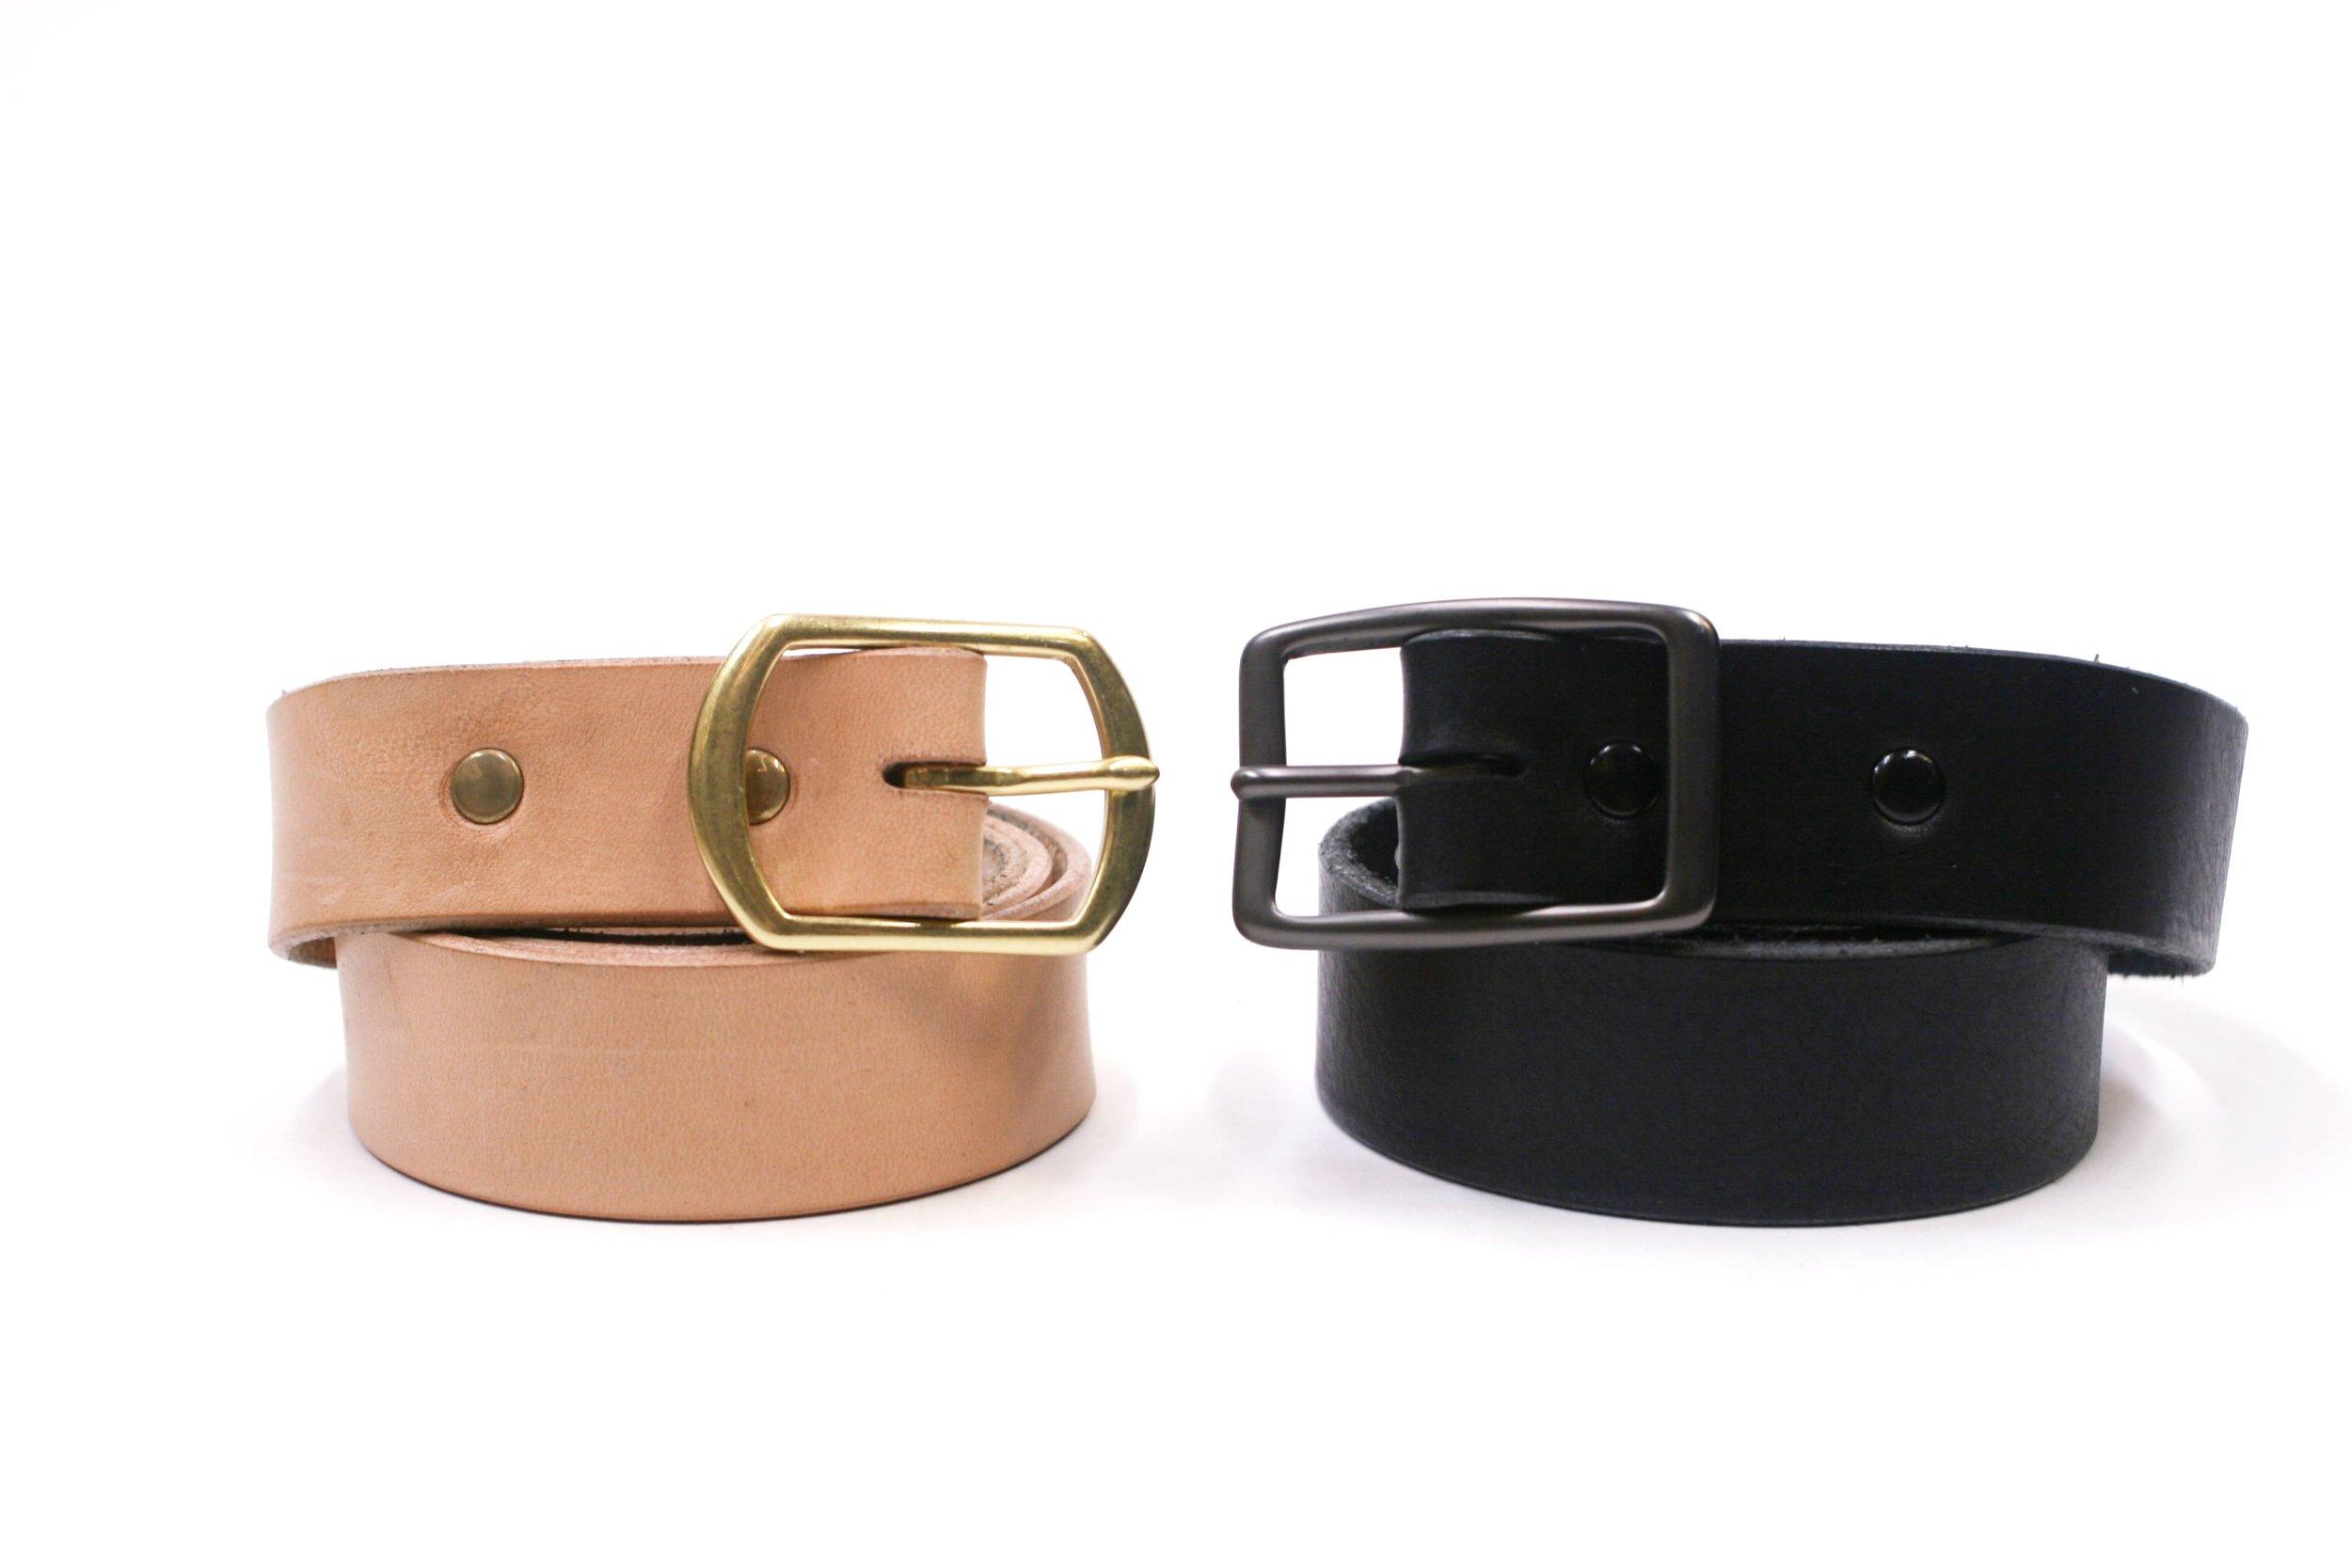 belts1-min.jpg